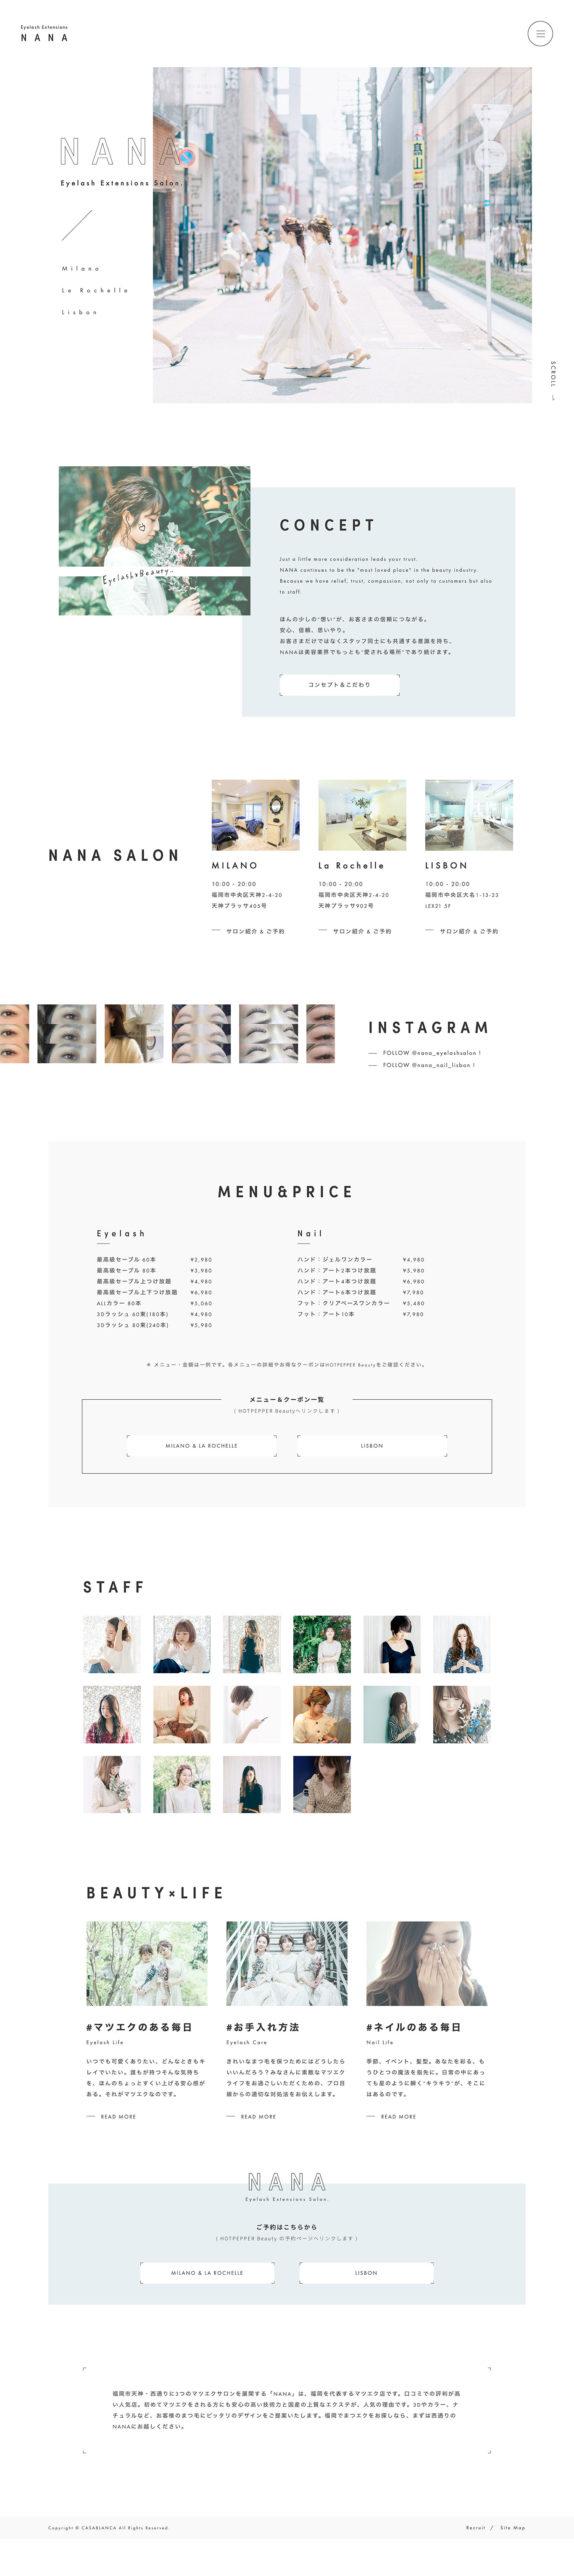 アイラッシュサロンNANAのホームページデザイン